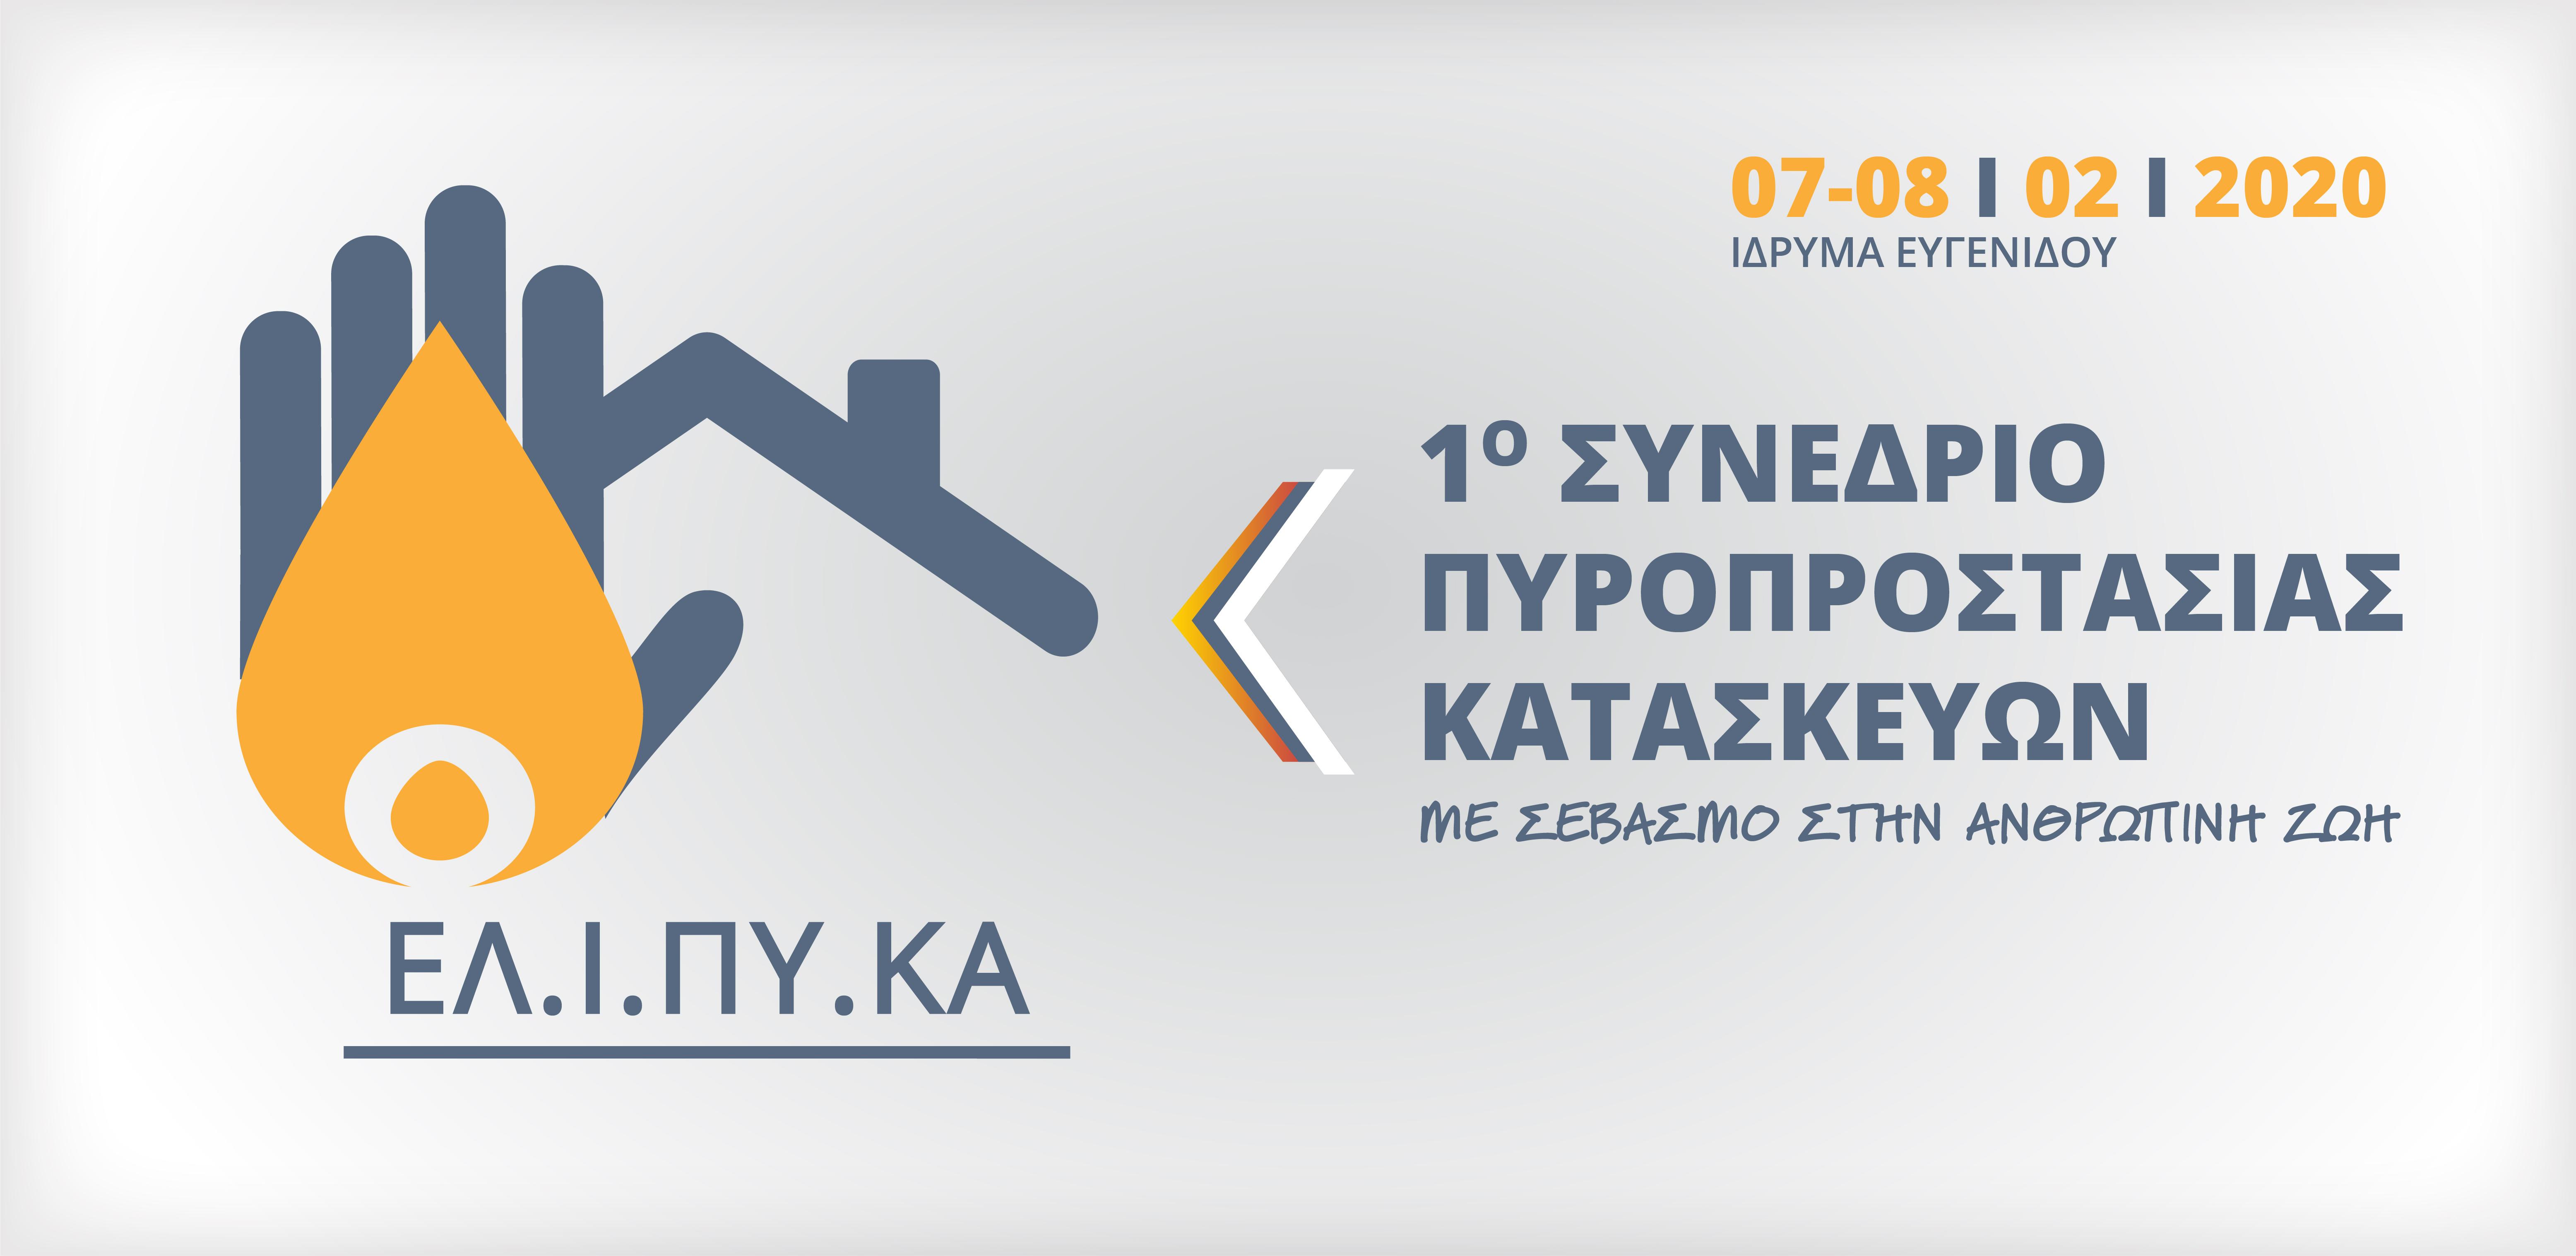 Συνέδριο Πυροπροστασίας Κατασκευών